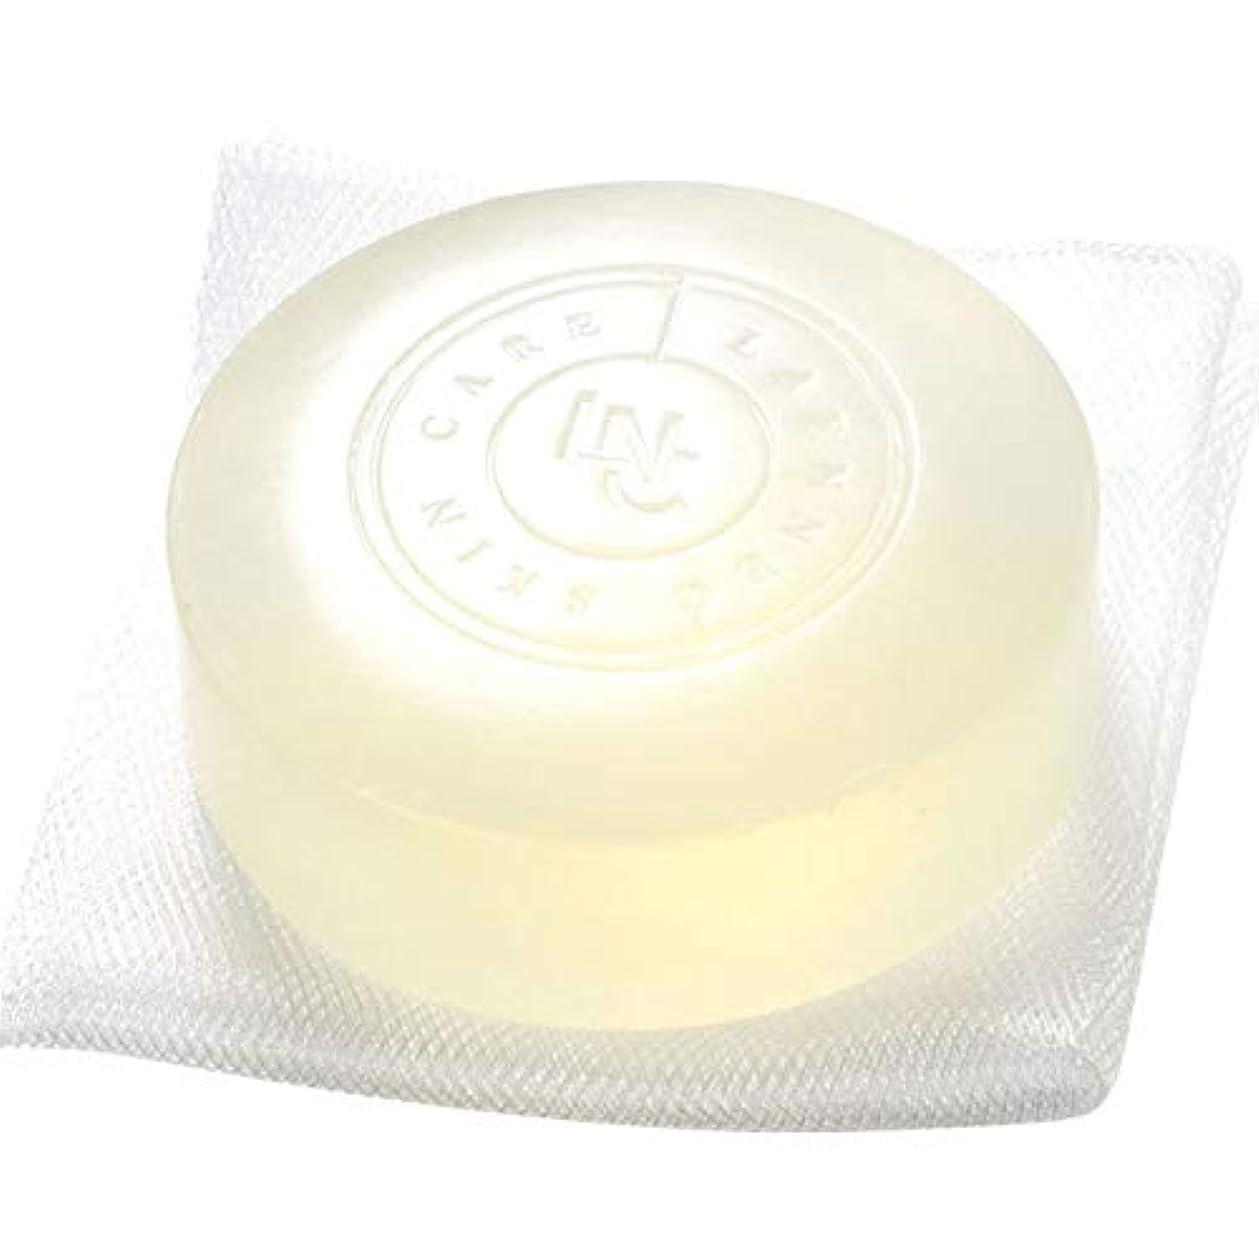 作り上げるカウンタ懐疑的日本生物製剤 LNCソープ ふつう 100g